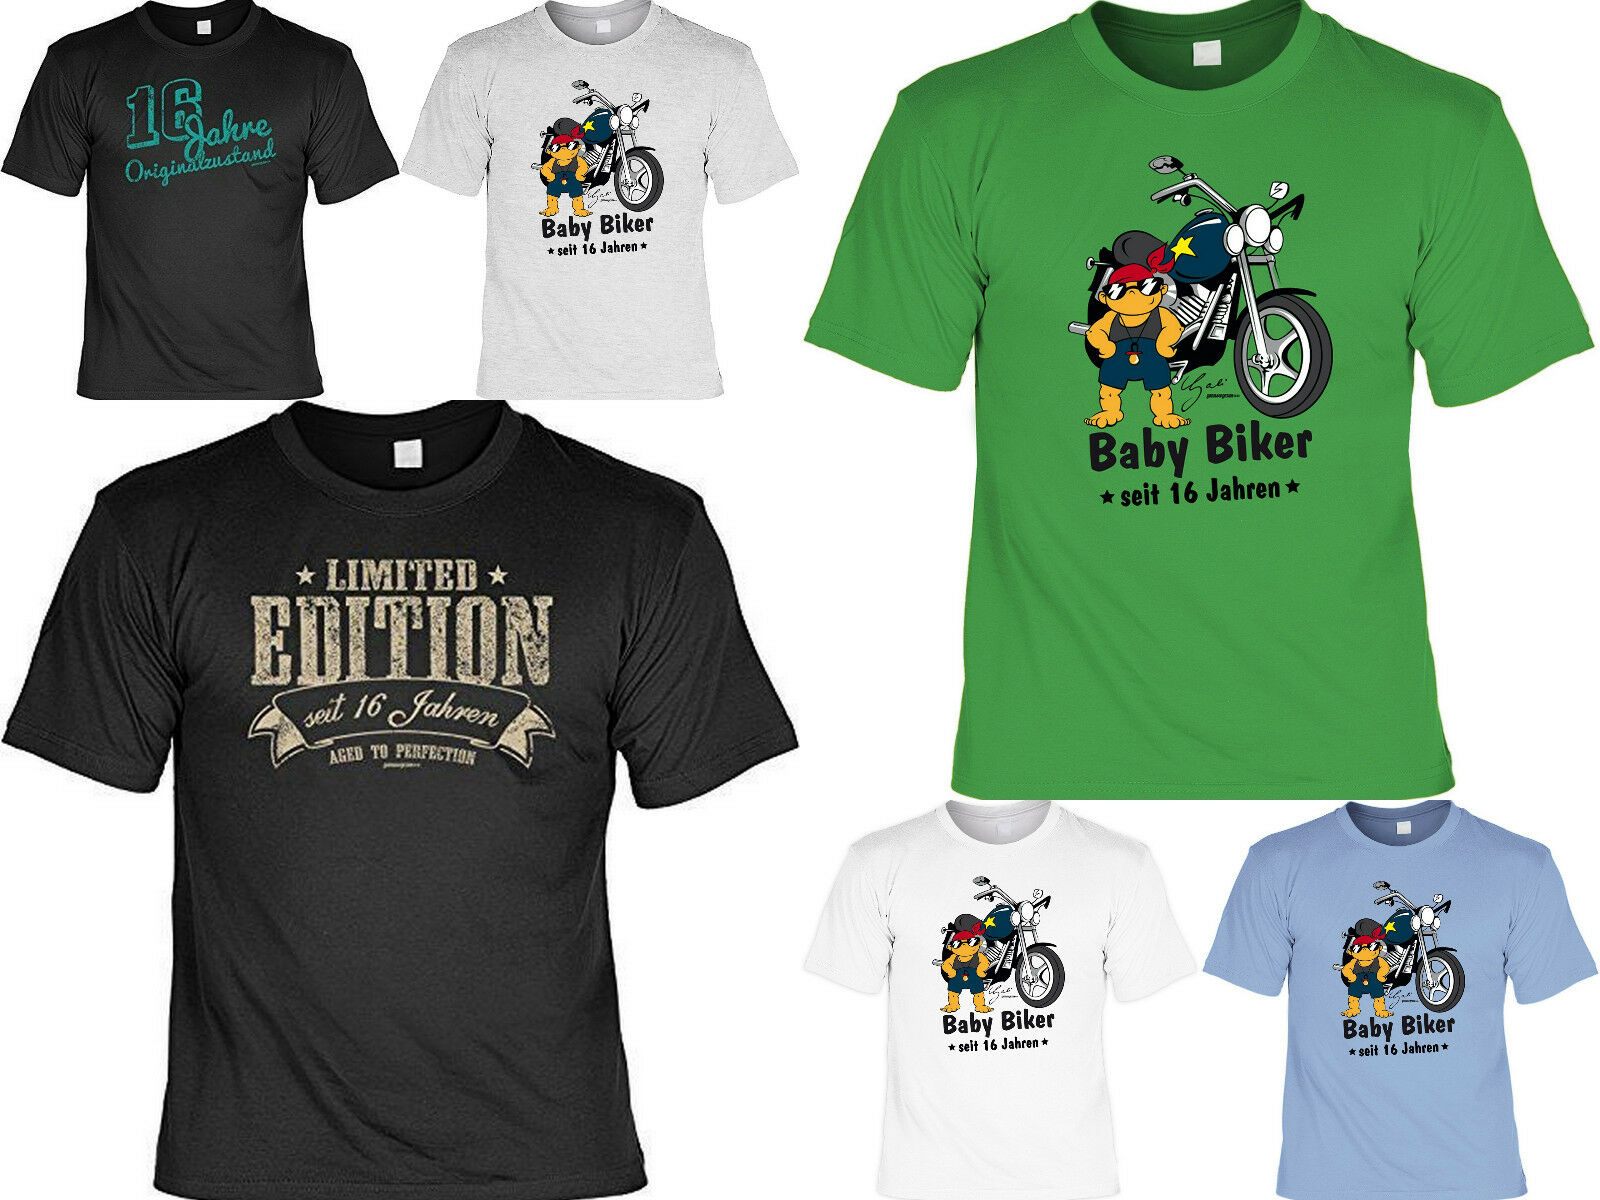 T-Shirt zum 16.Geburtstag - 16 Jahre - Coole Sprüche / Motive Geburtstag 16